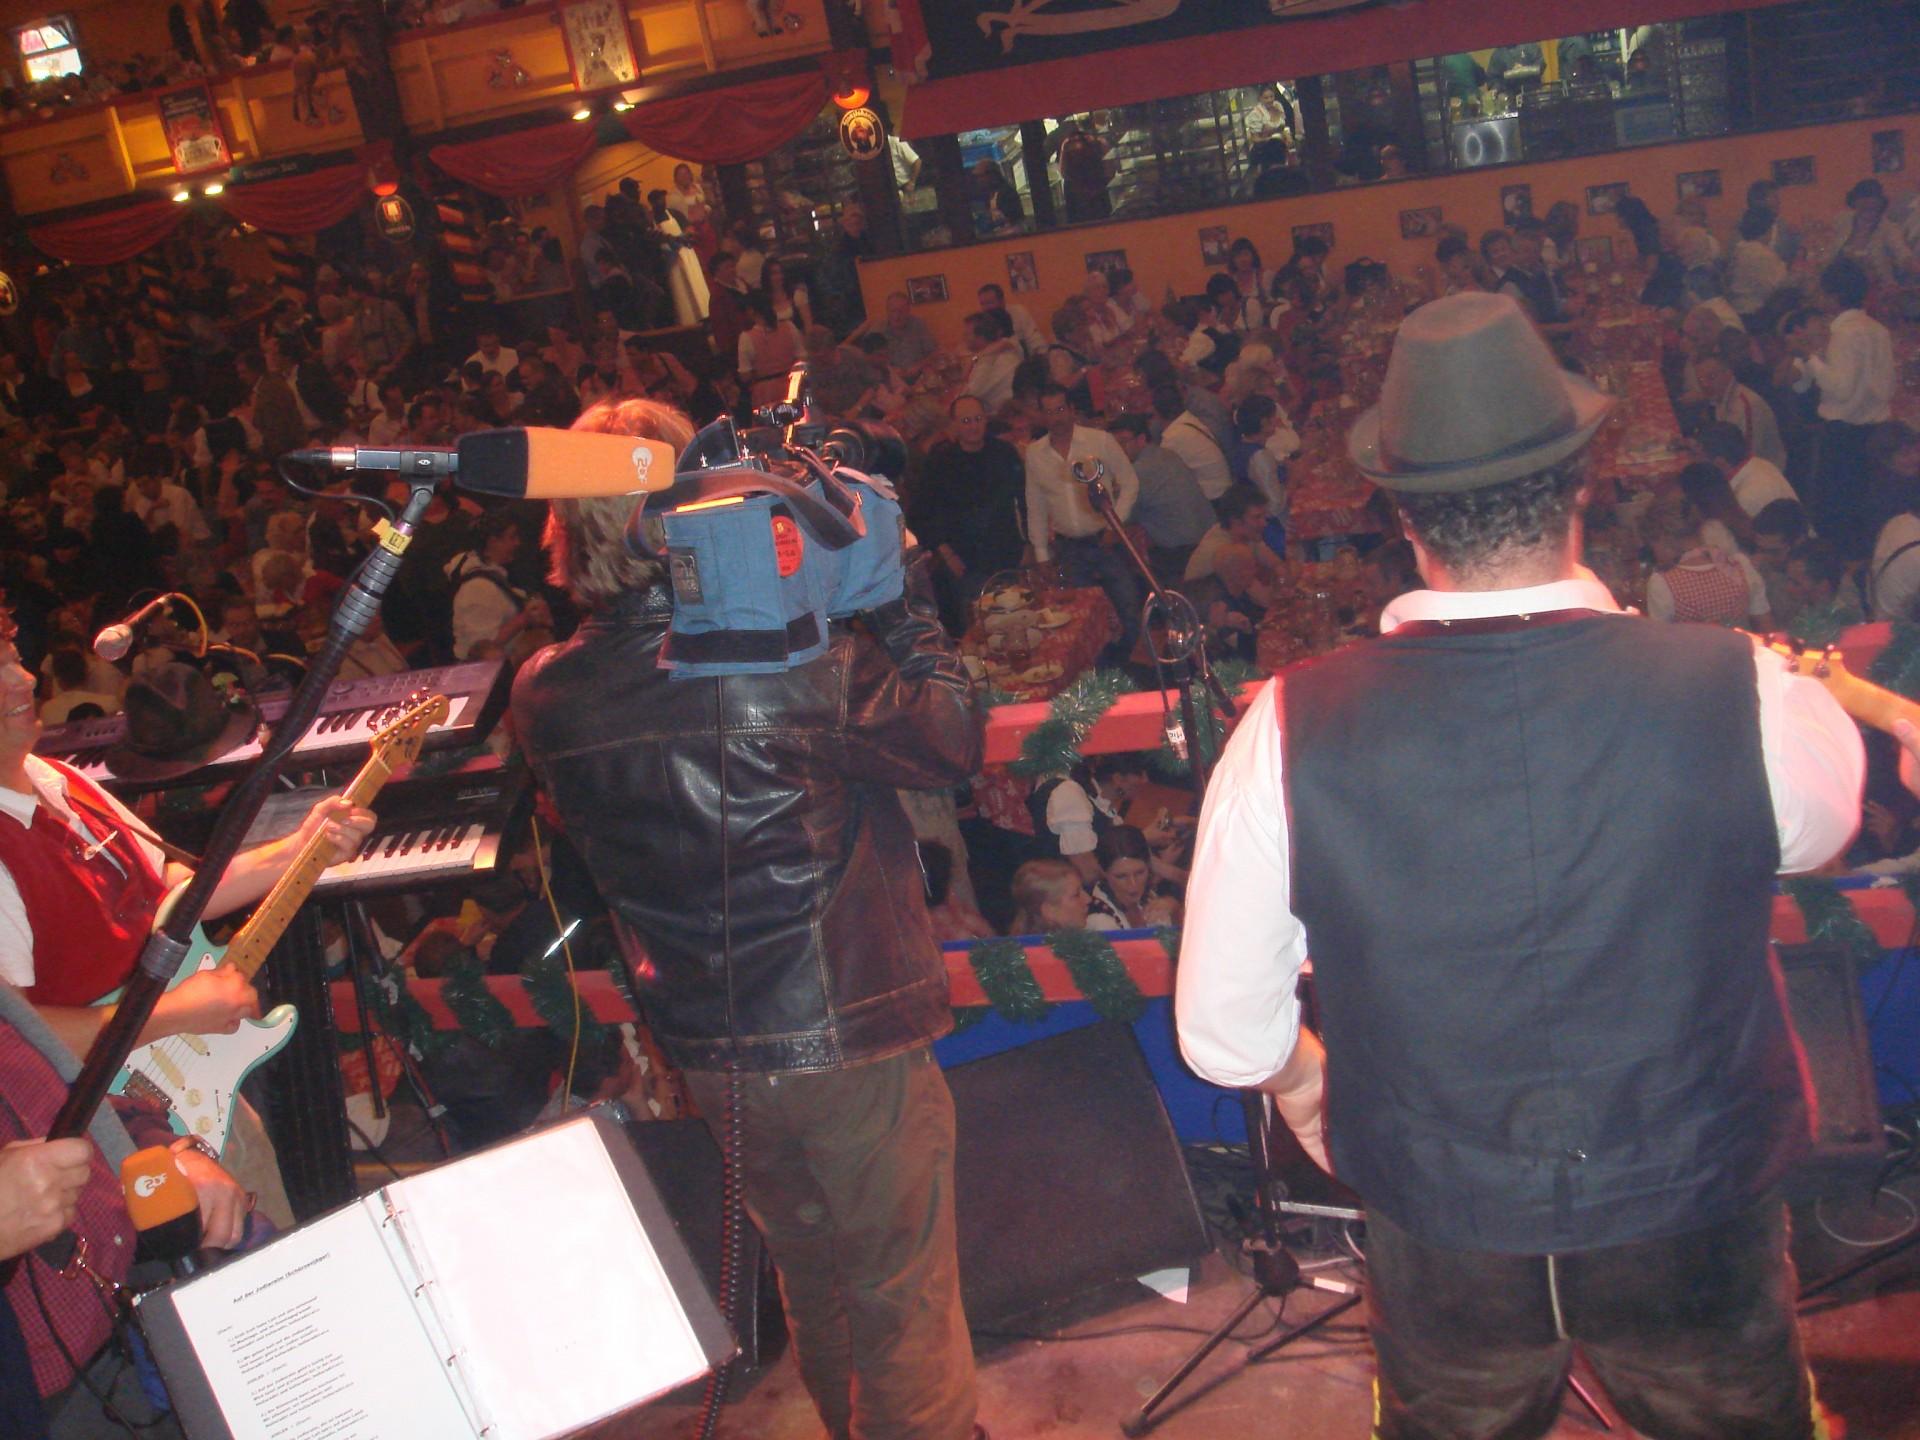 Simmisamma die Oktoberfestband – Konzert Hippodrom Oktoberfest München Deutschland 83